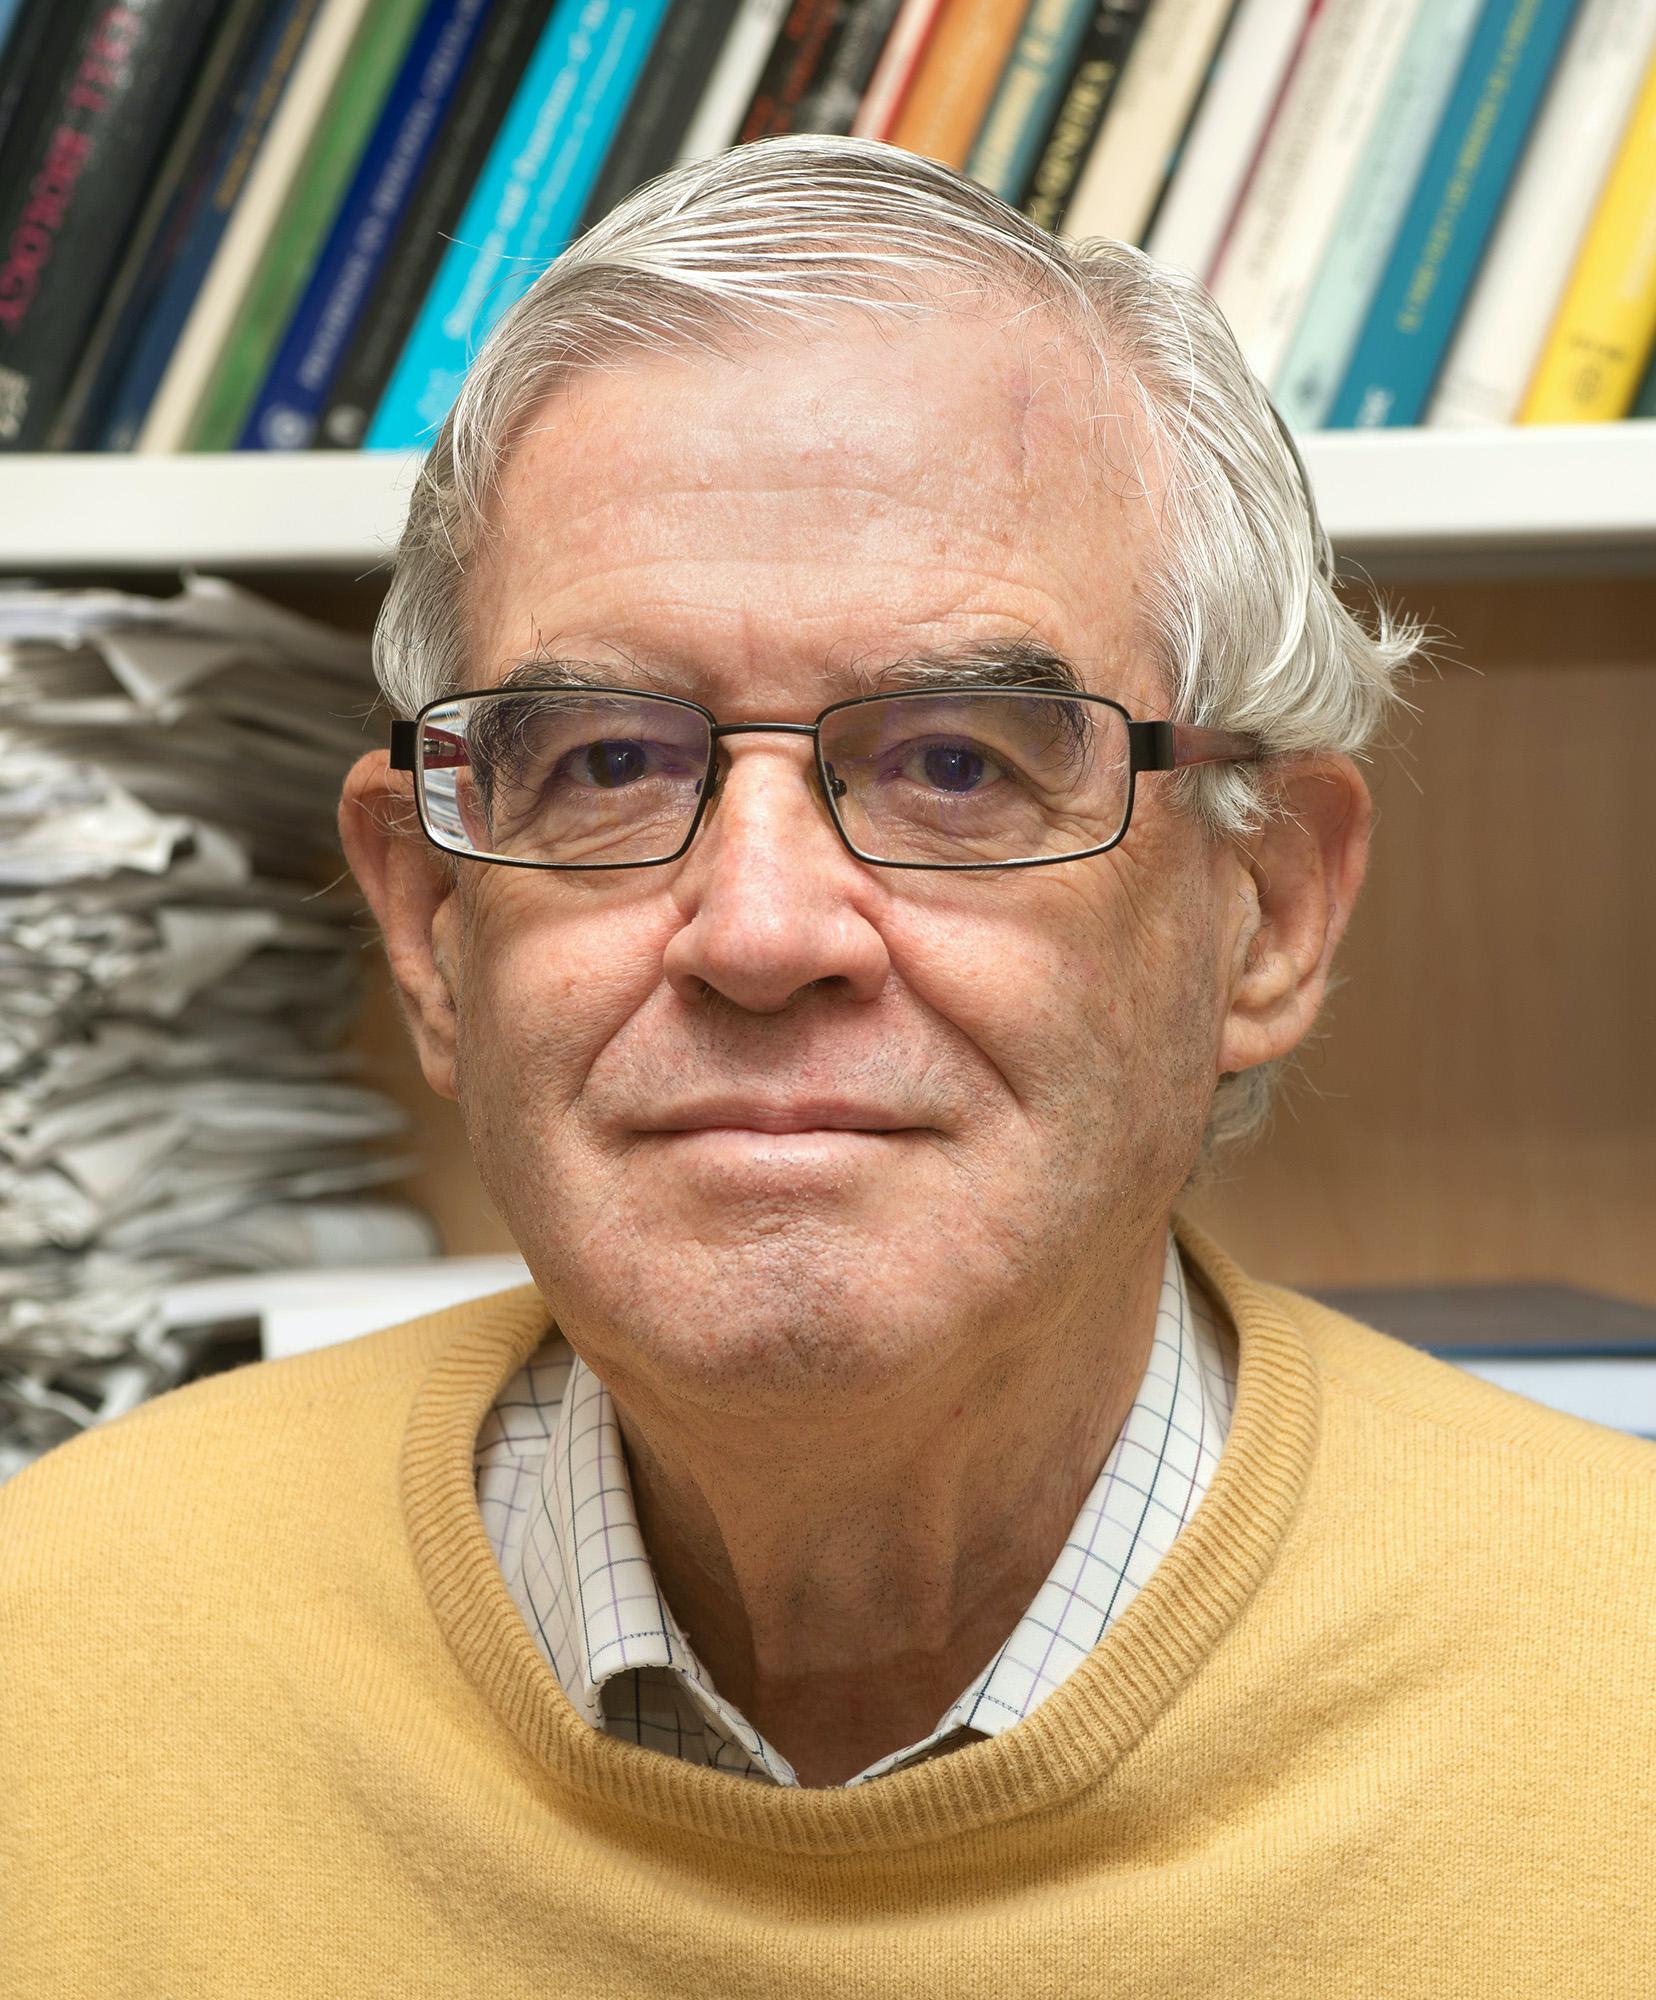 imagen de Jesús Ávila, investigador en el Centro de Biología Molecular Severo Ochoa (CBMSO, CSIC-UAM), lleva más de cuarenta años trabajando en alzhéimer. / CBMSO-CSIC-UAM